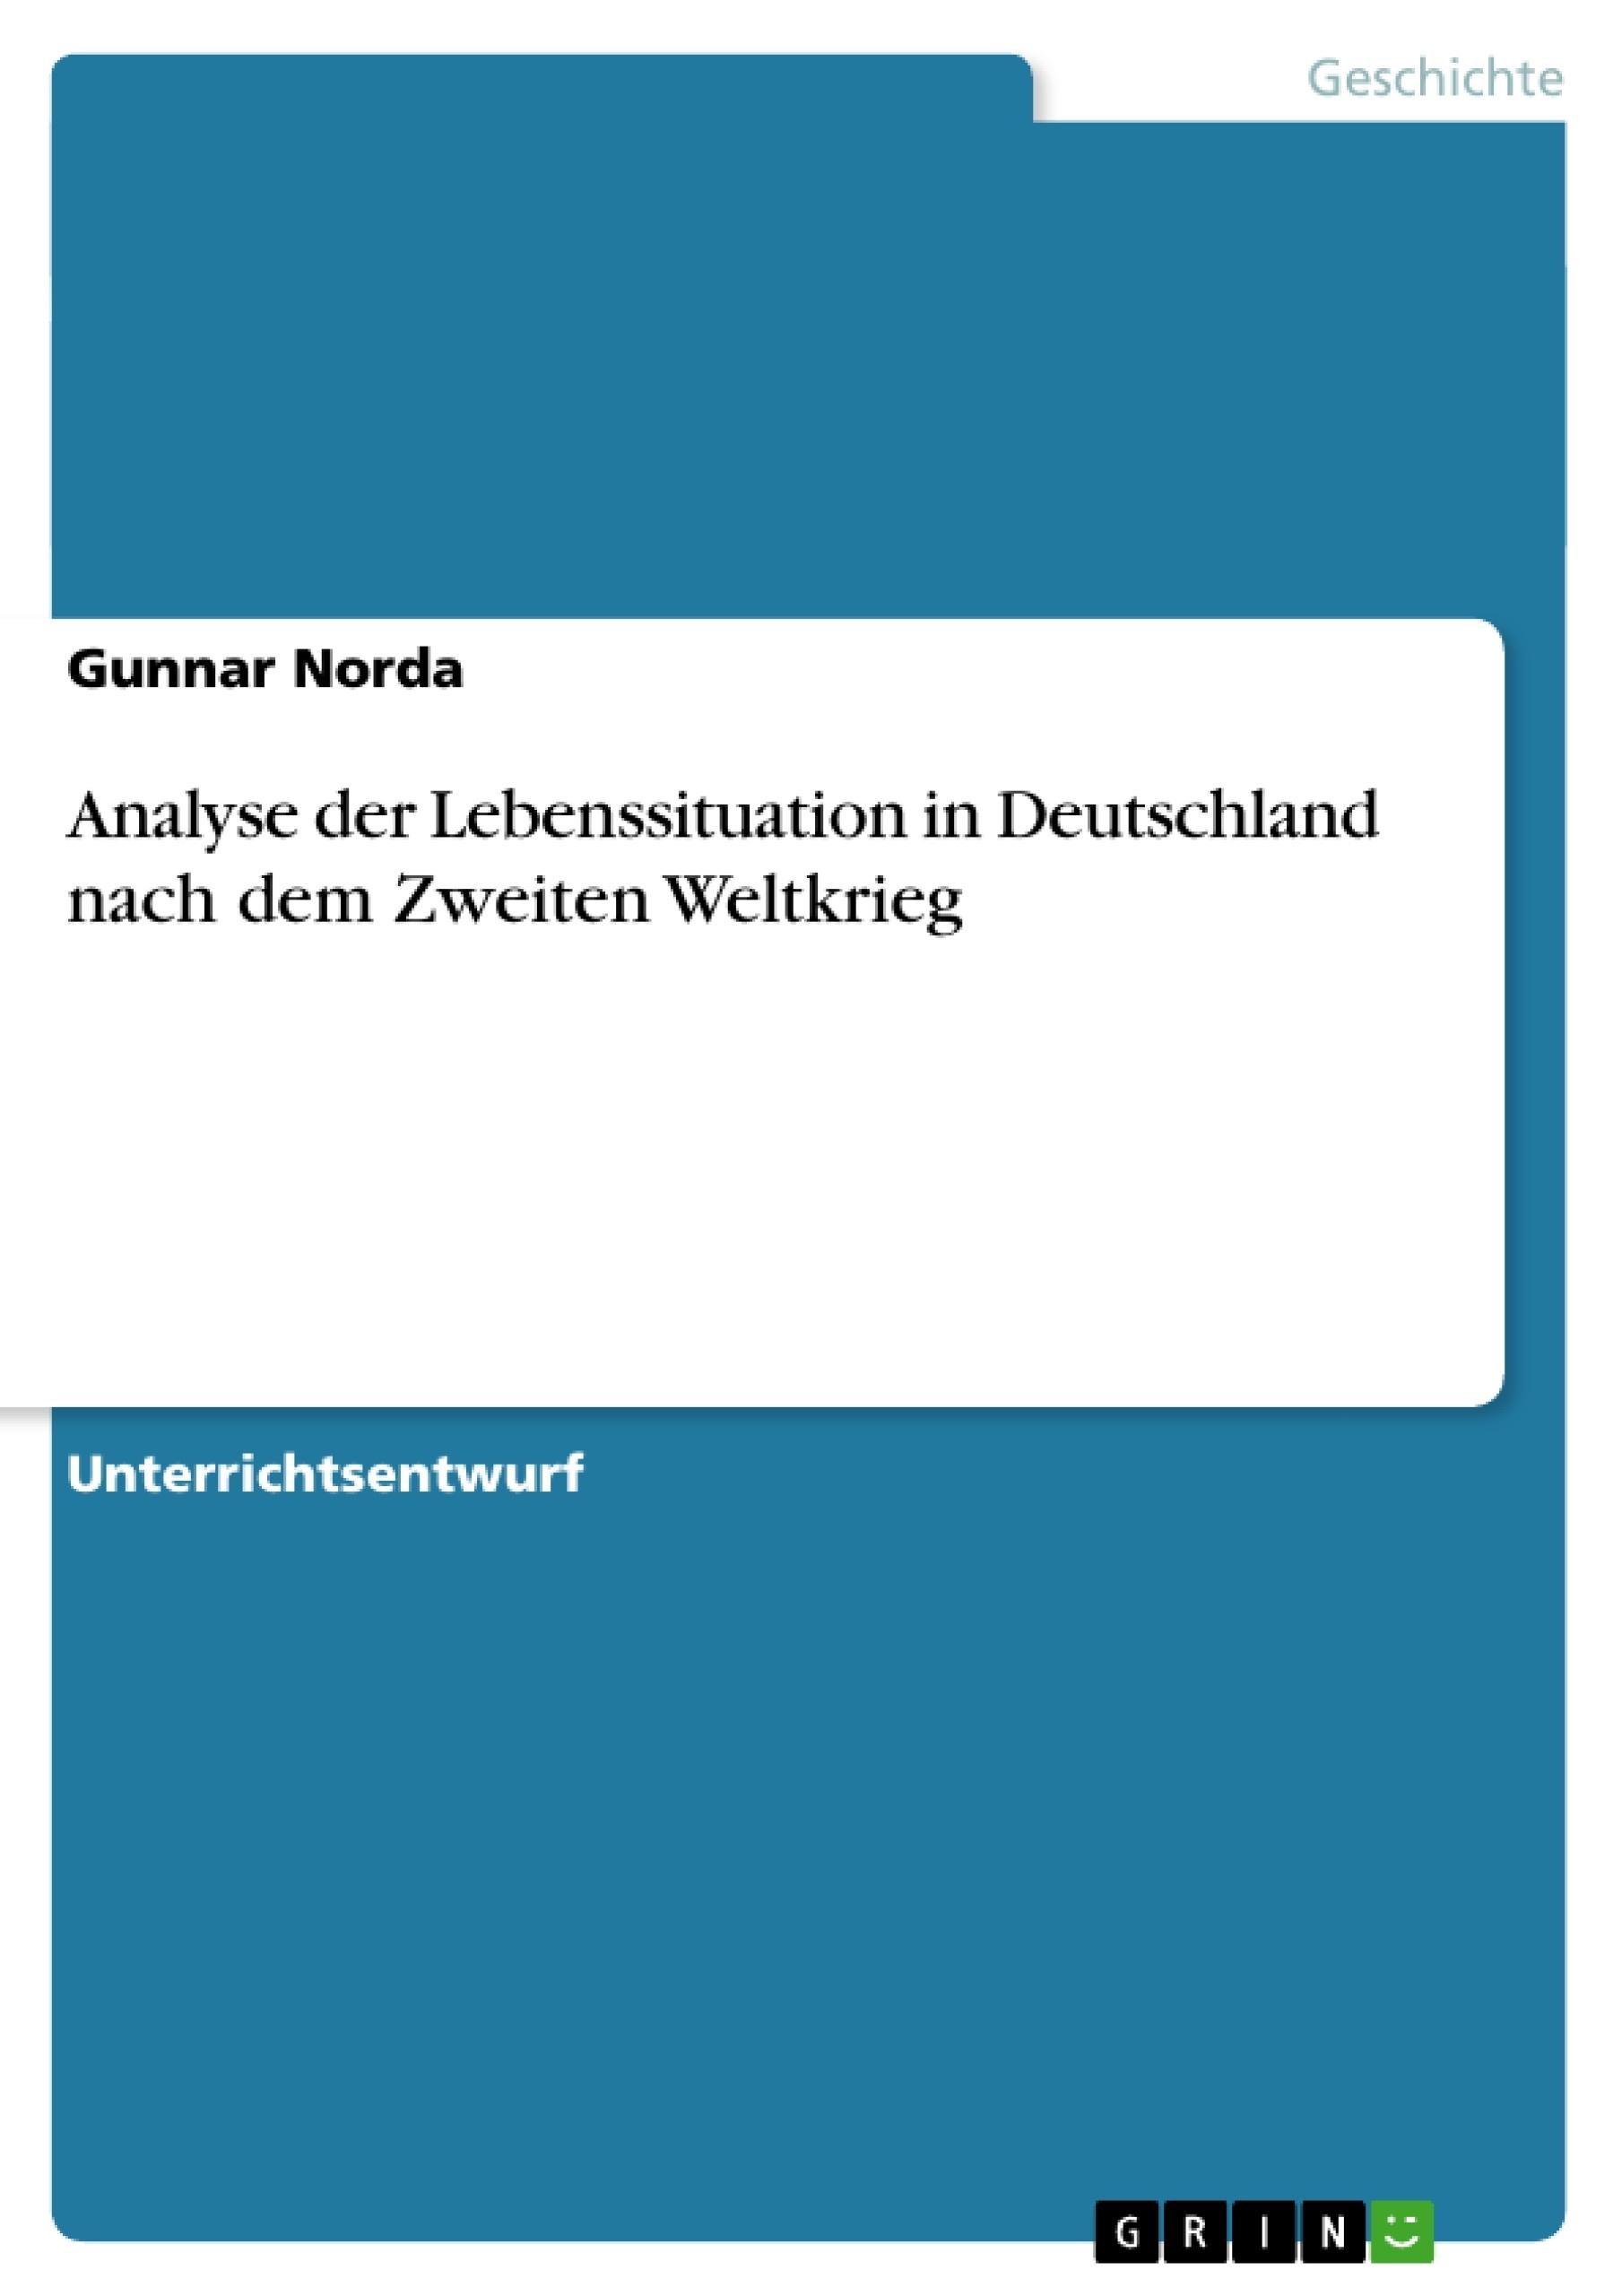 Titel: Analyse der Lebenssituation in Deutschland nach dem Zweiten Weltkrieg